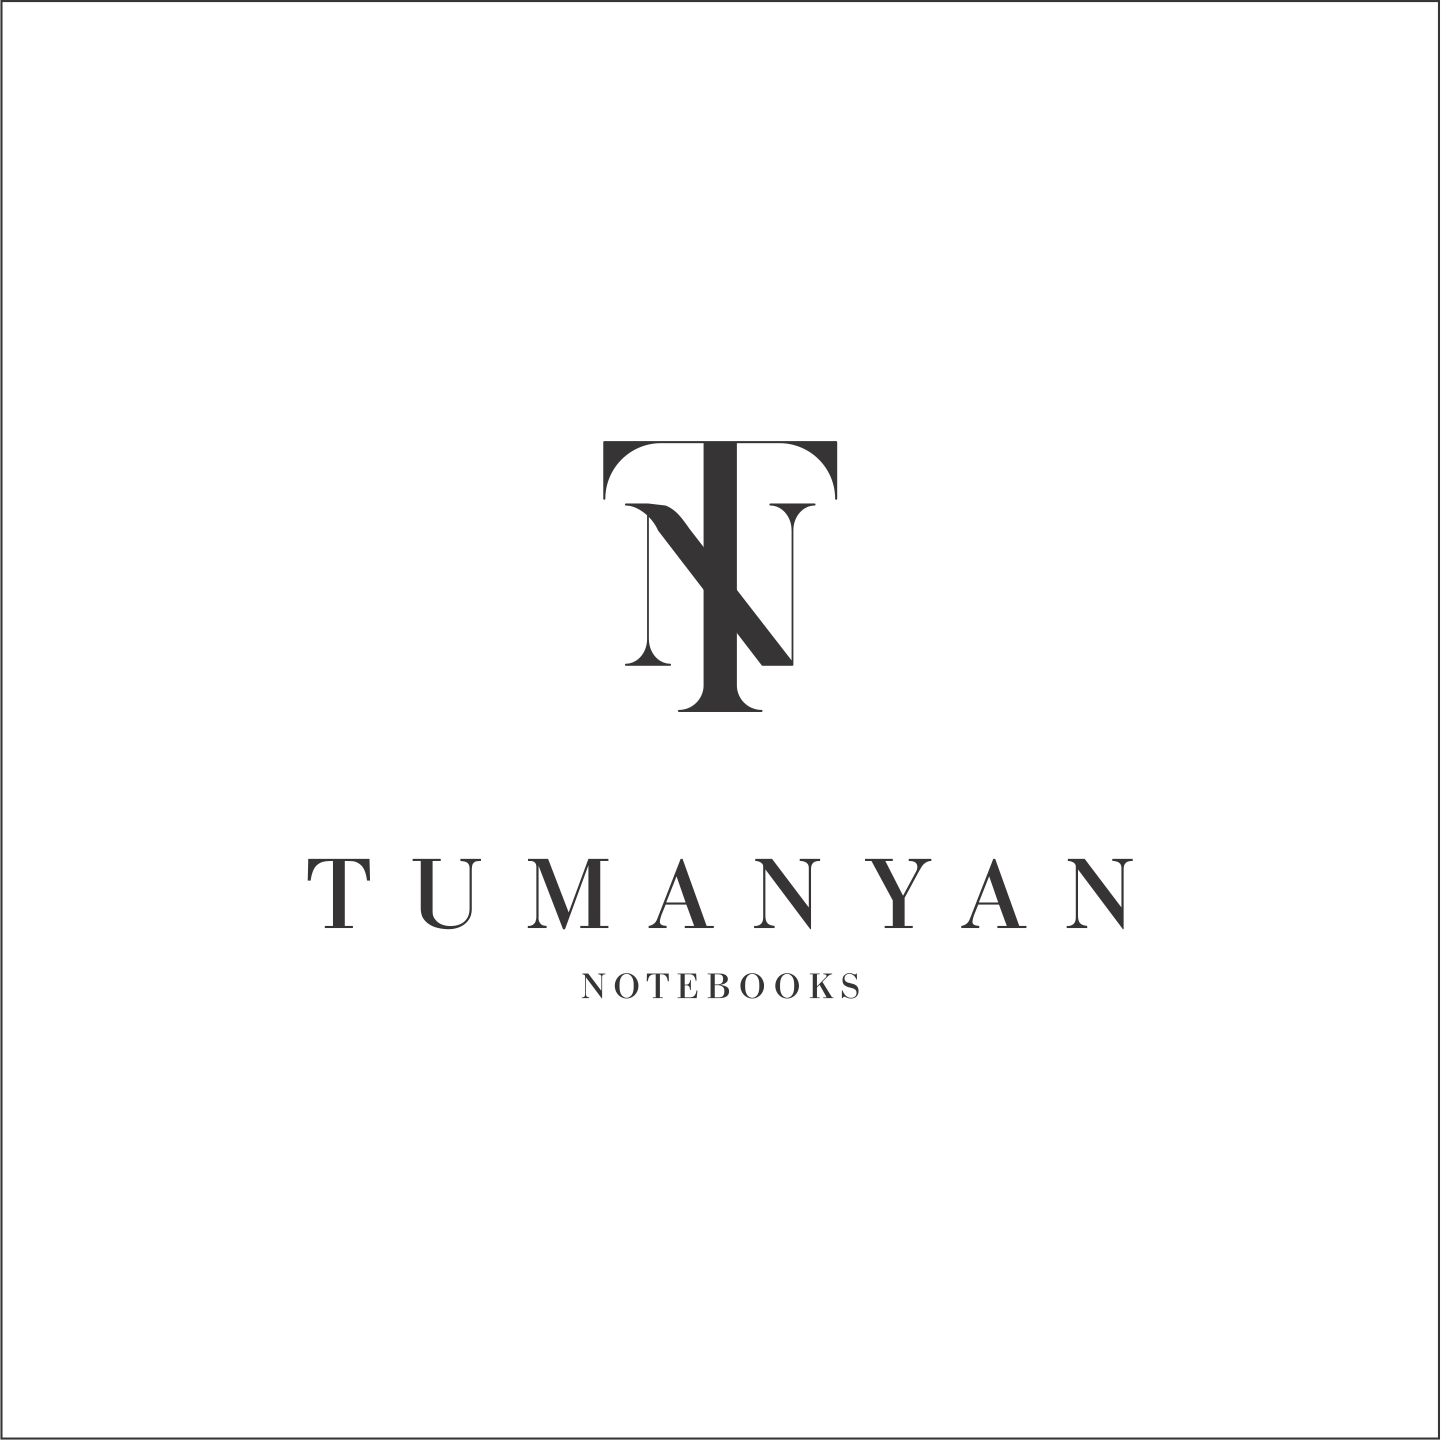 Tumanyan notebooks